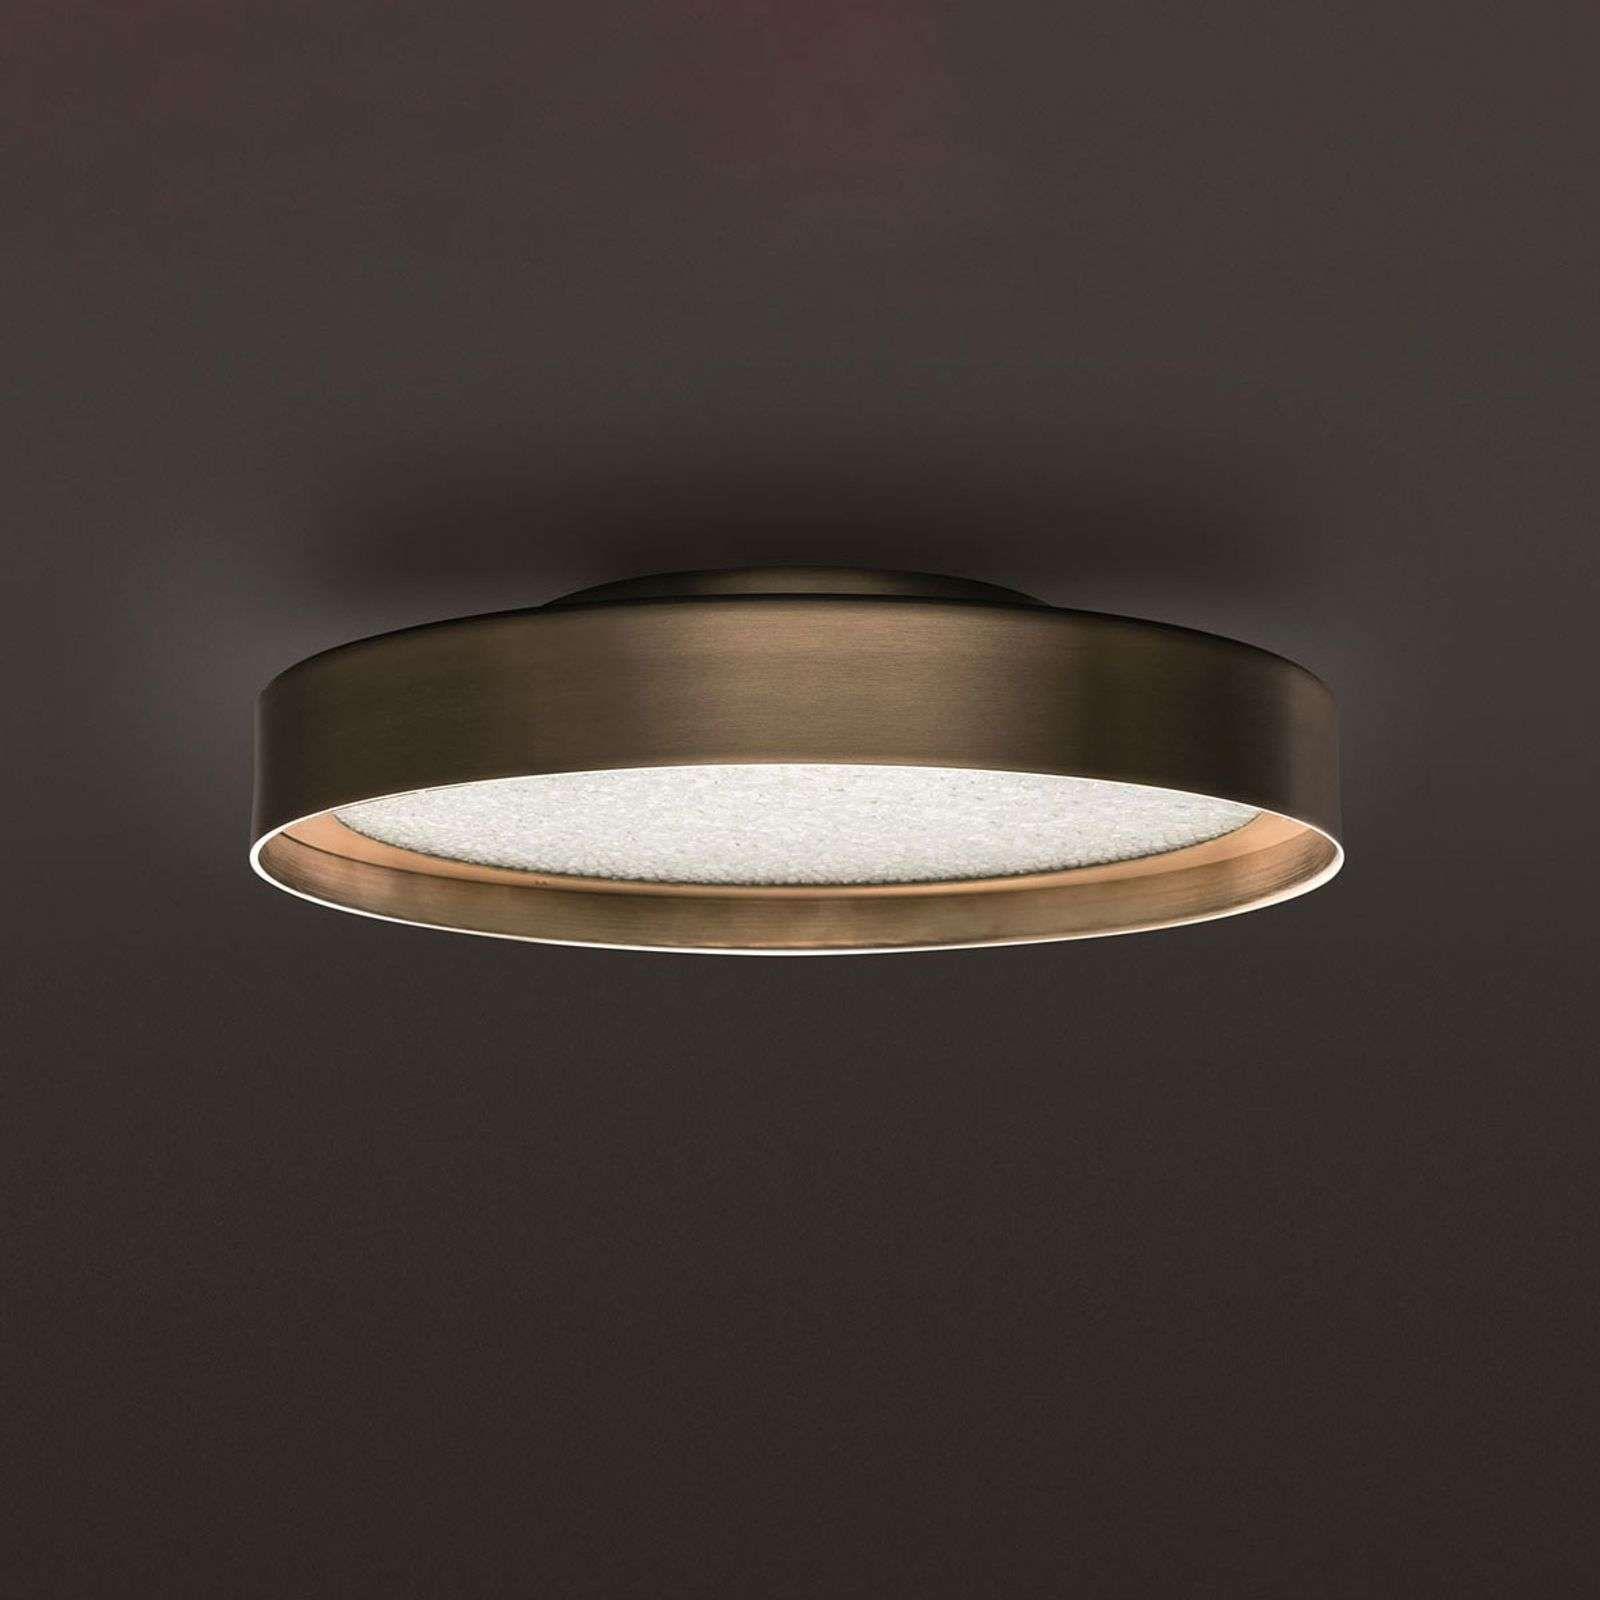 Badezimmer Decke Mit Indirekter Beleuchtung Led Deckenleuchte Farbwechsel Poco Rgb Led Deckenl In 2020 Indirekte Beleuchtung Led Led Deckenlampen Beleuchtung Decke